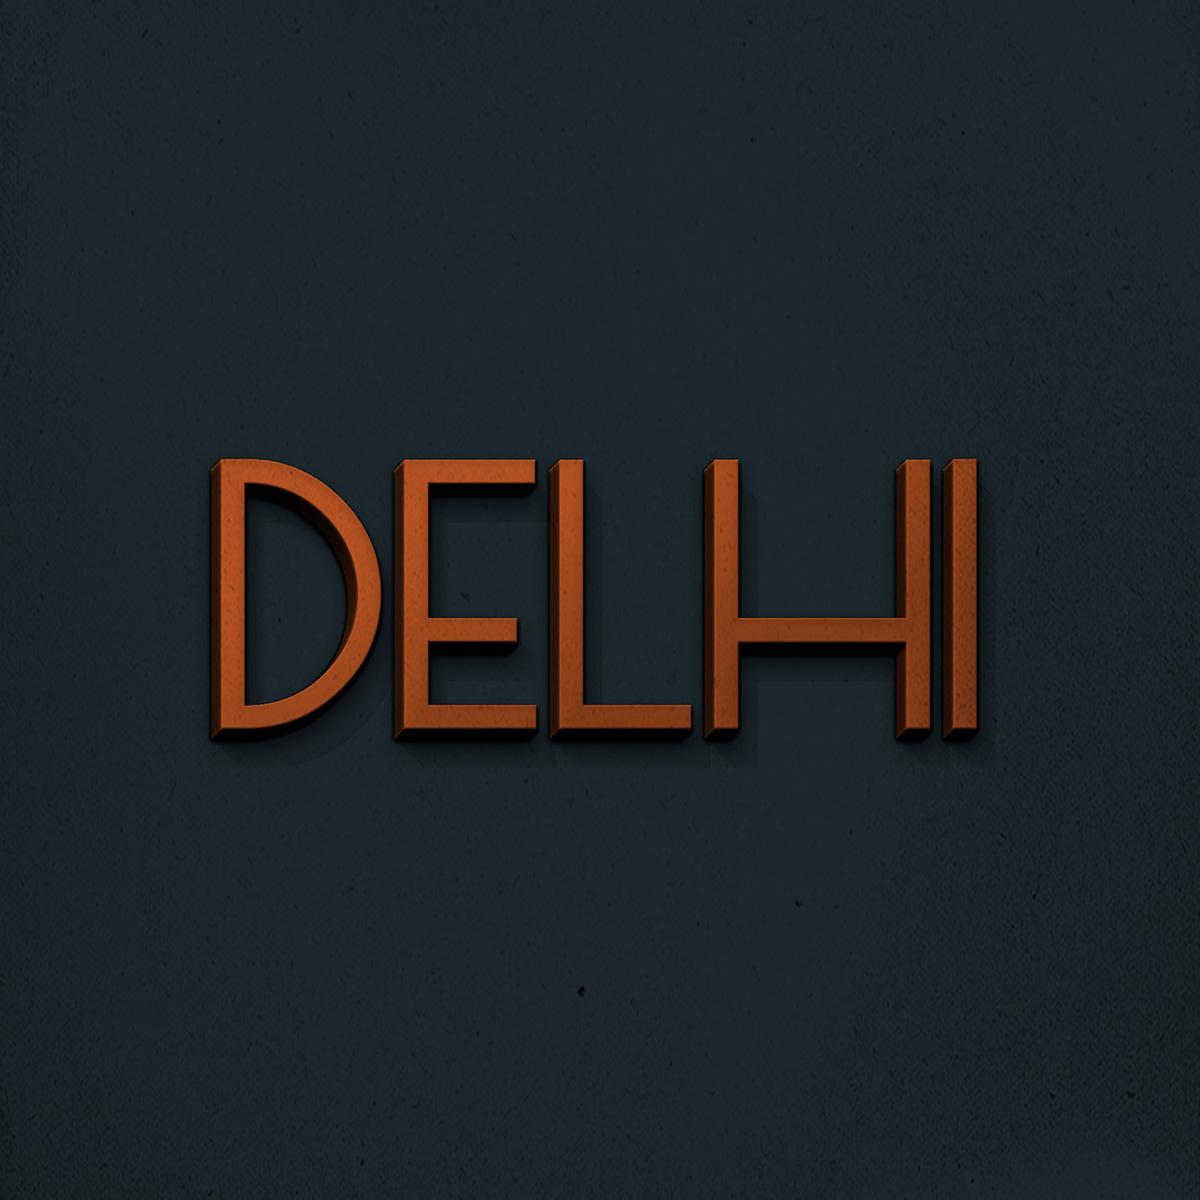 Delhi Font Download